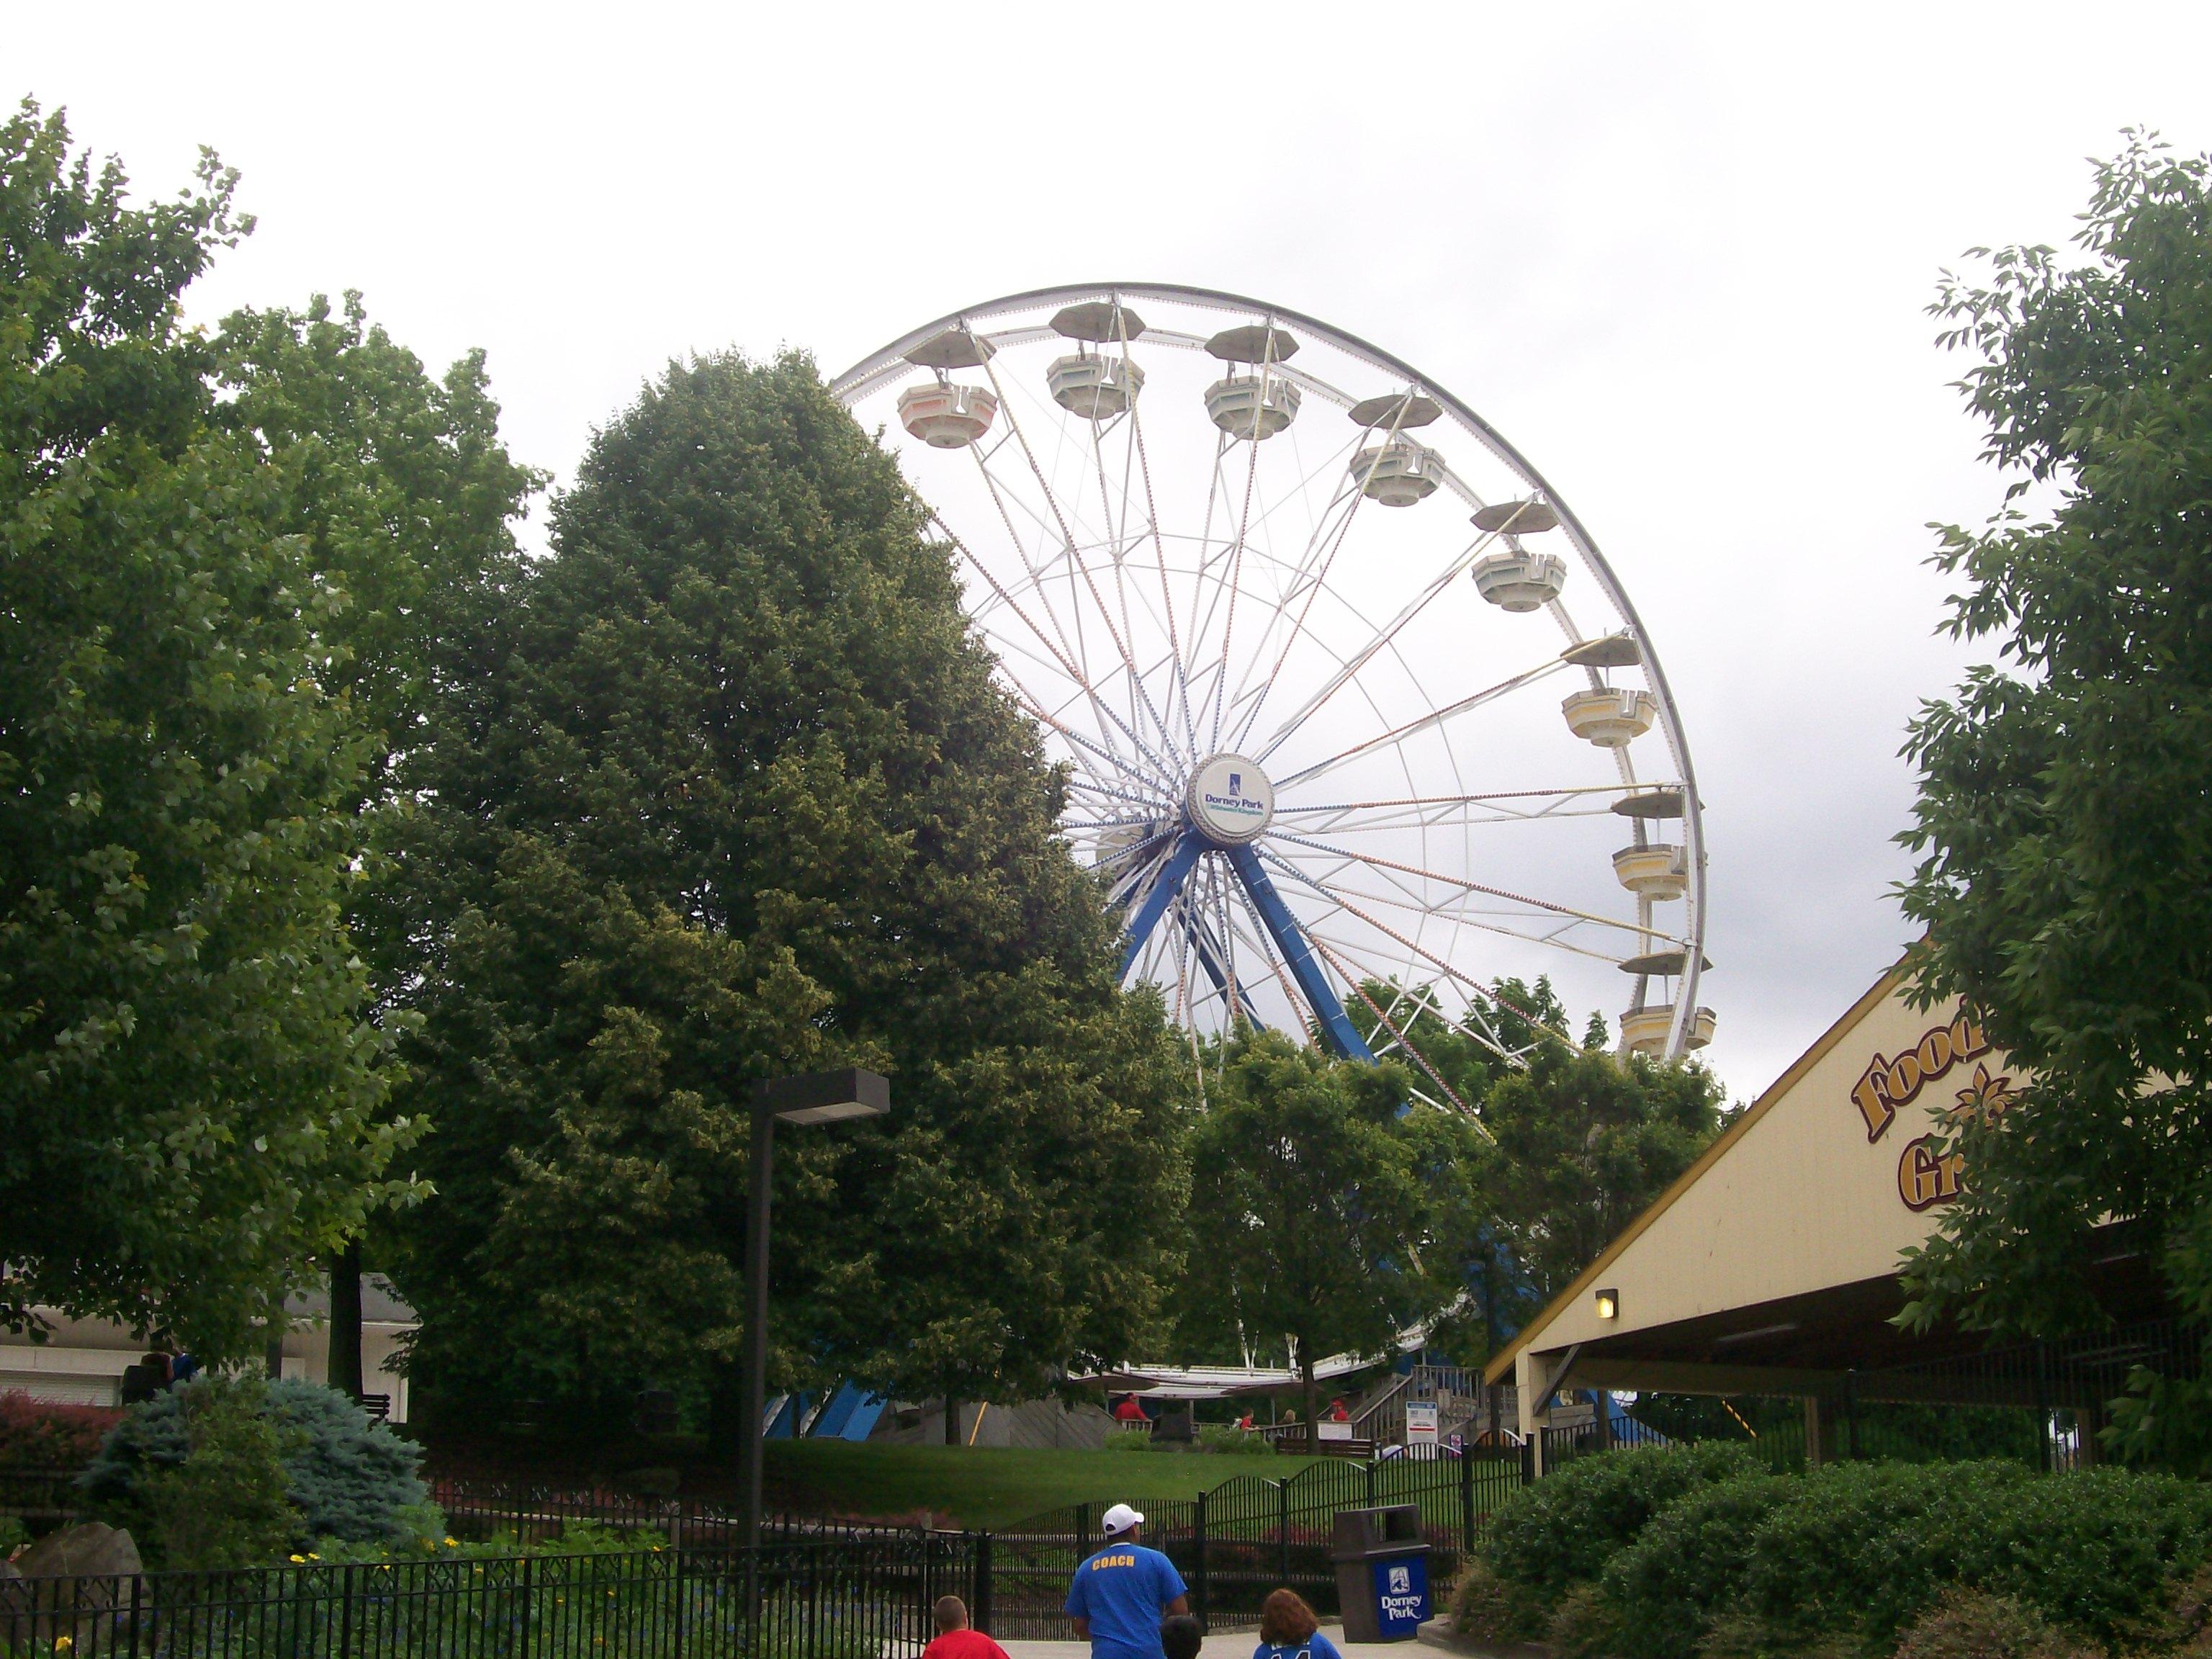 Dorney Park 2009